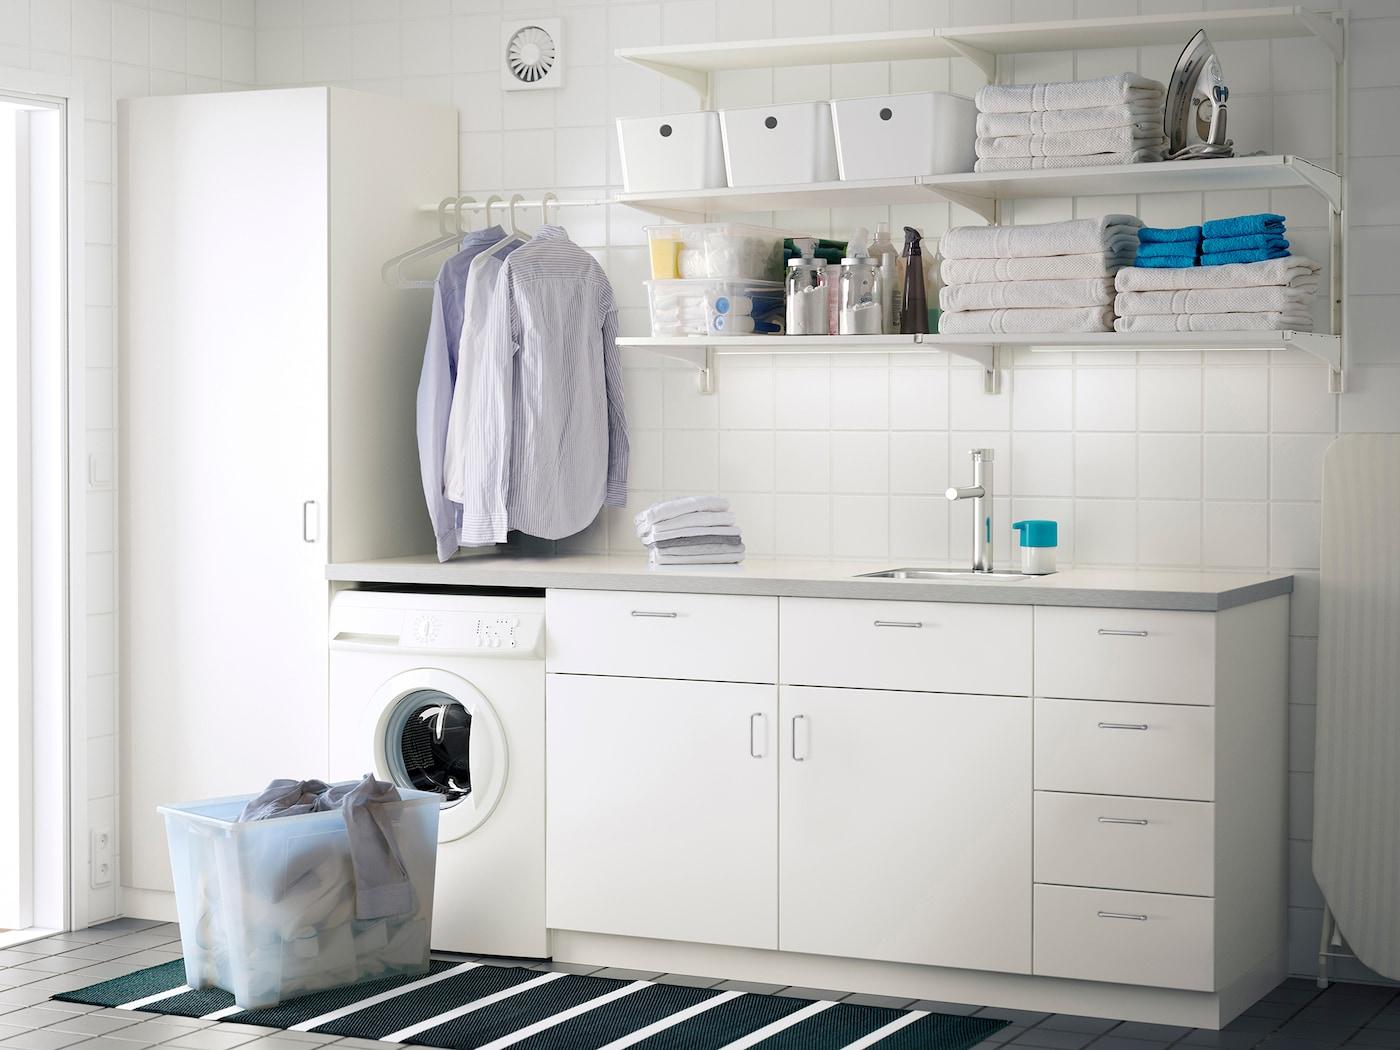 Full Size of Ikea Hauswirtschaftsraum Planen Inspiration Weie Waschkche Einrichten Deutschland Bad Küche Selber Miniküche Betten Bei Modulküche Sofa Mit Schlaffunktion Wohnzimmer Ikea Hauswirtschaftsraum Planen